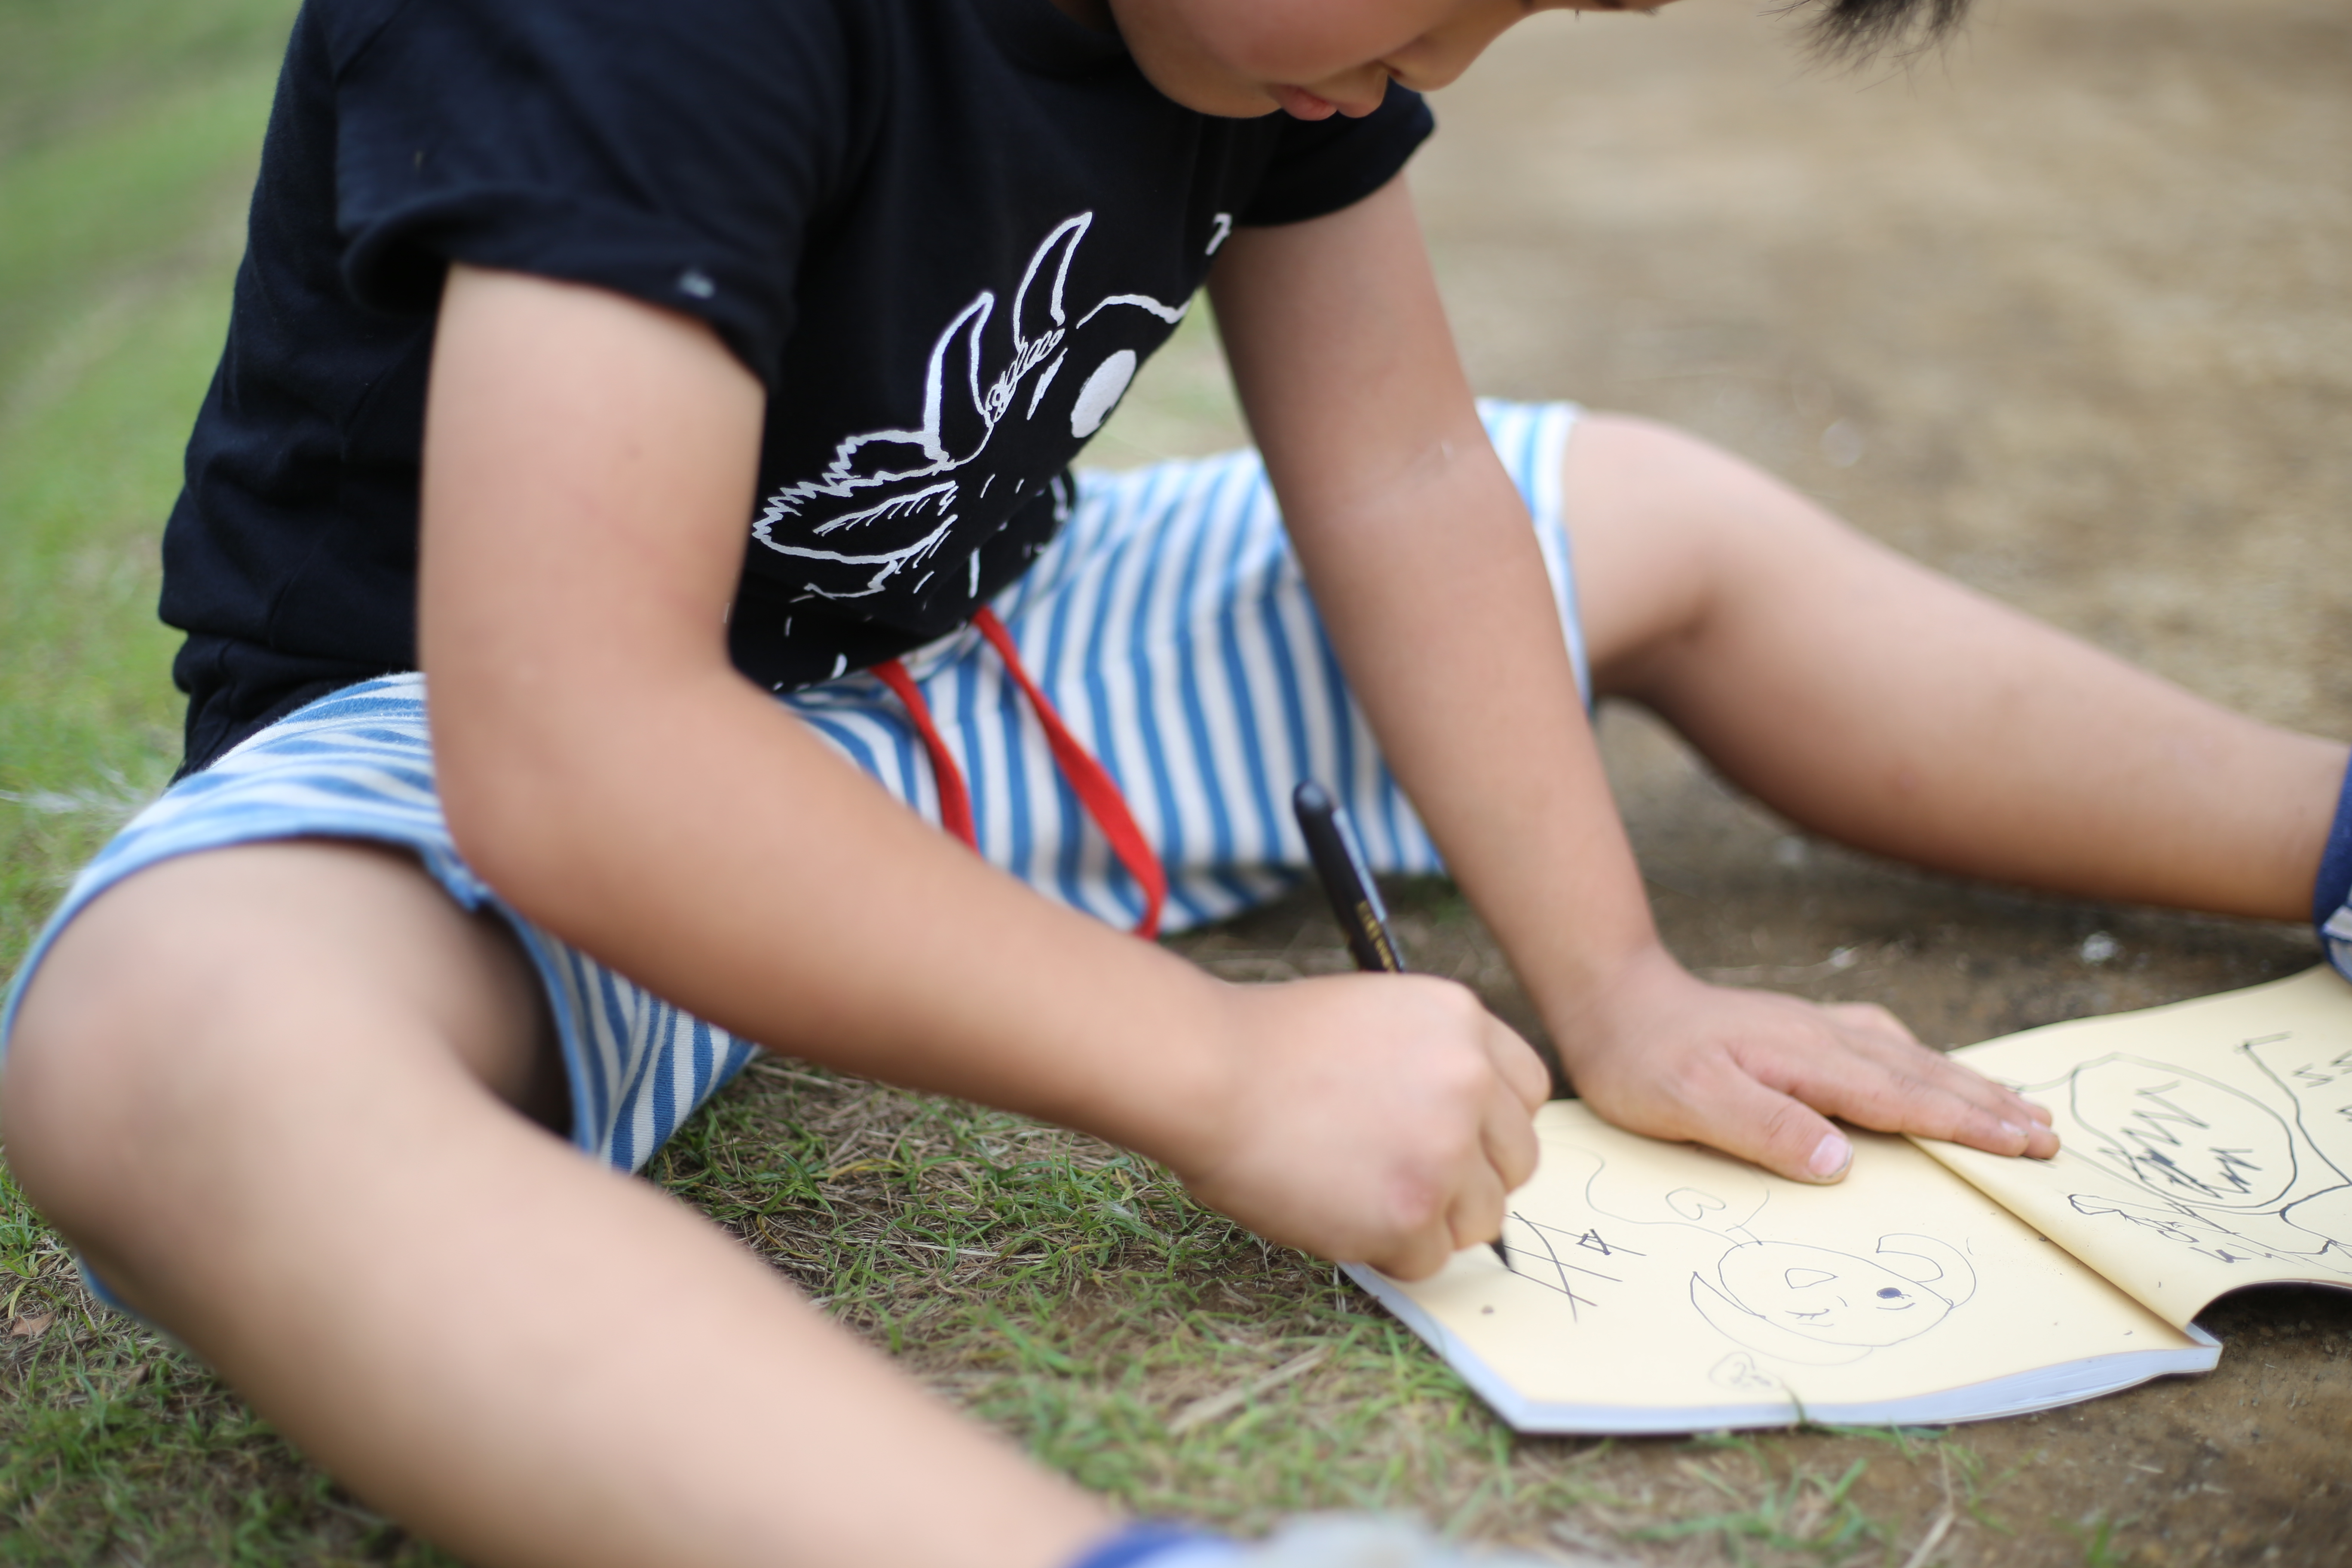 子供の『自己肯定感』を高める方法?シンプルだけになるほどなと。